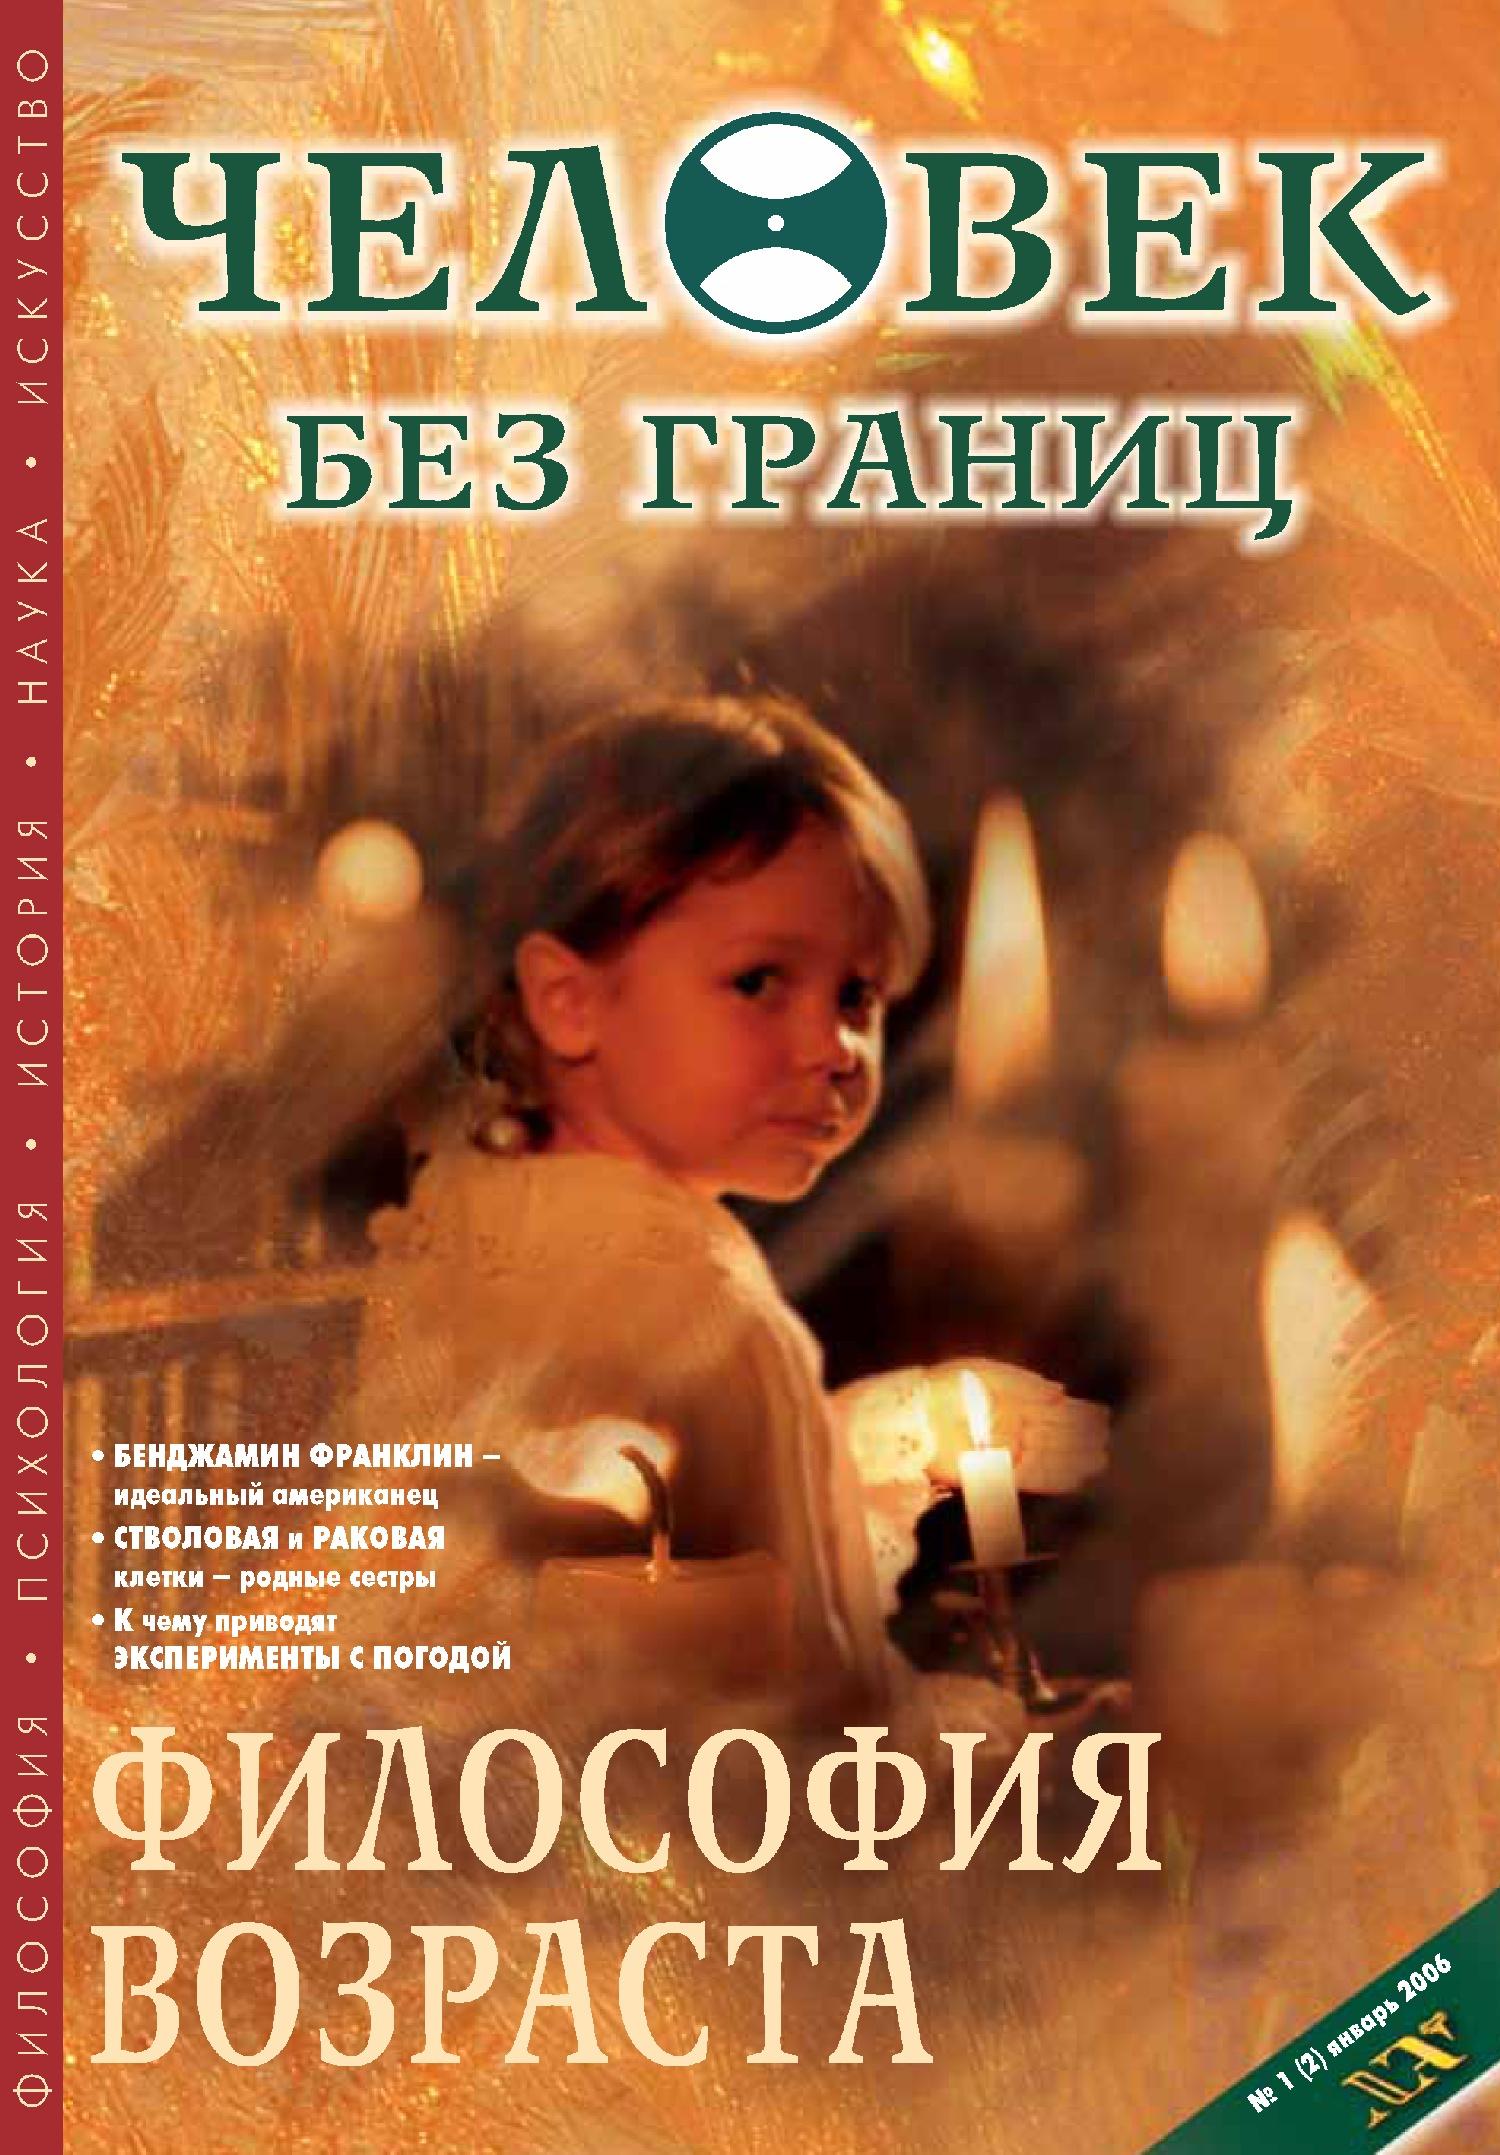 цена на Отсутствует Журнал «Человек без границ» №1 (02) 2006